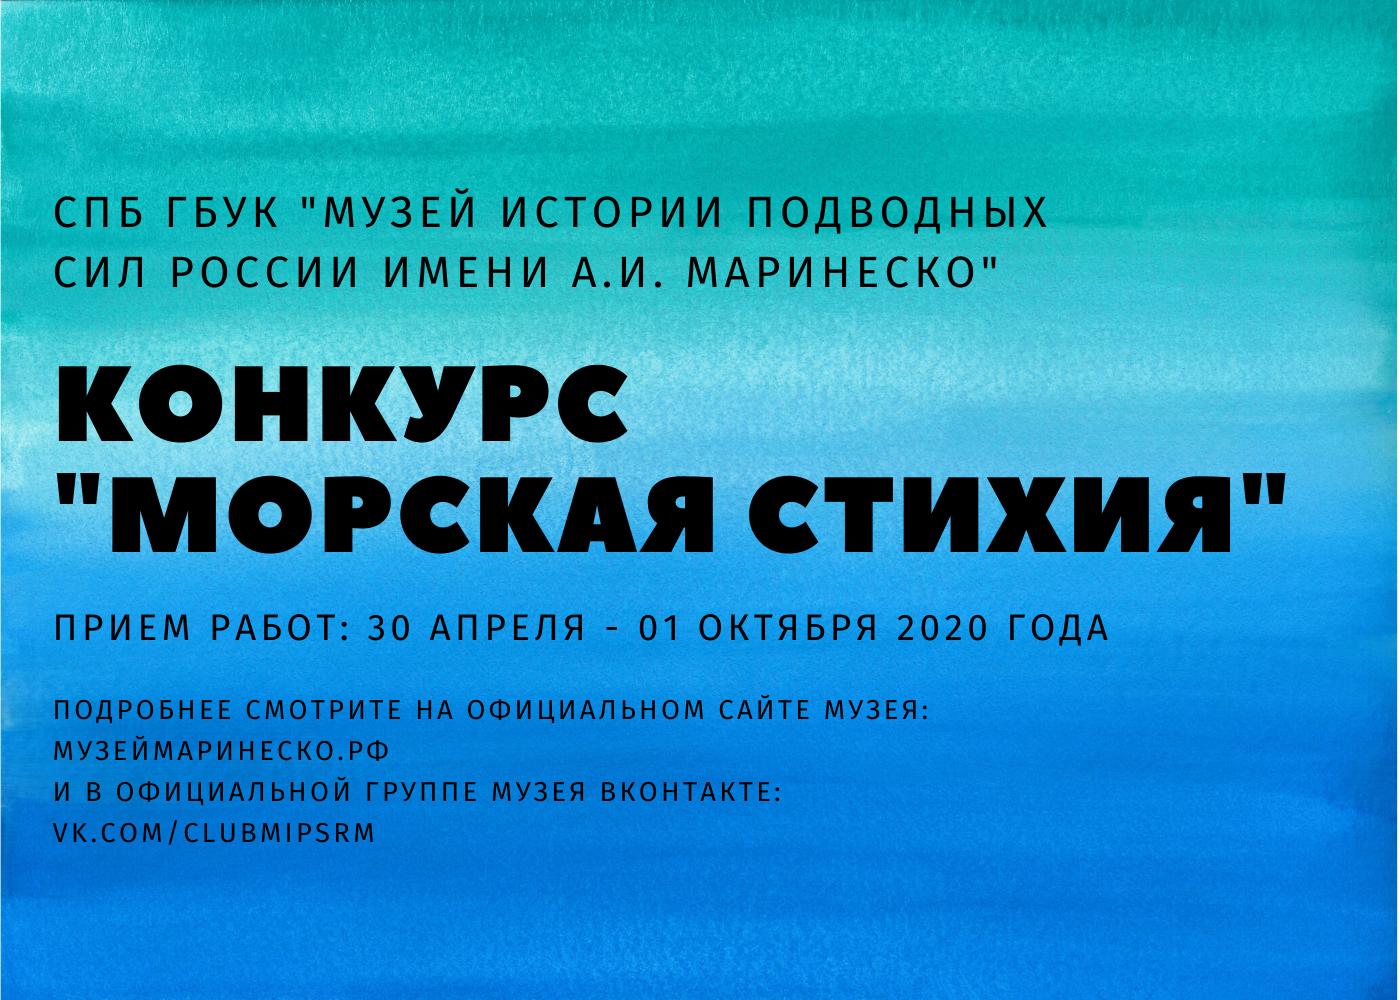 """Конкурс творческих работ """"Морская стихия"""""""